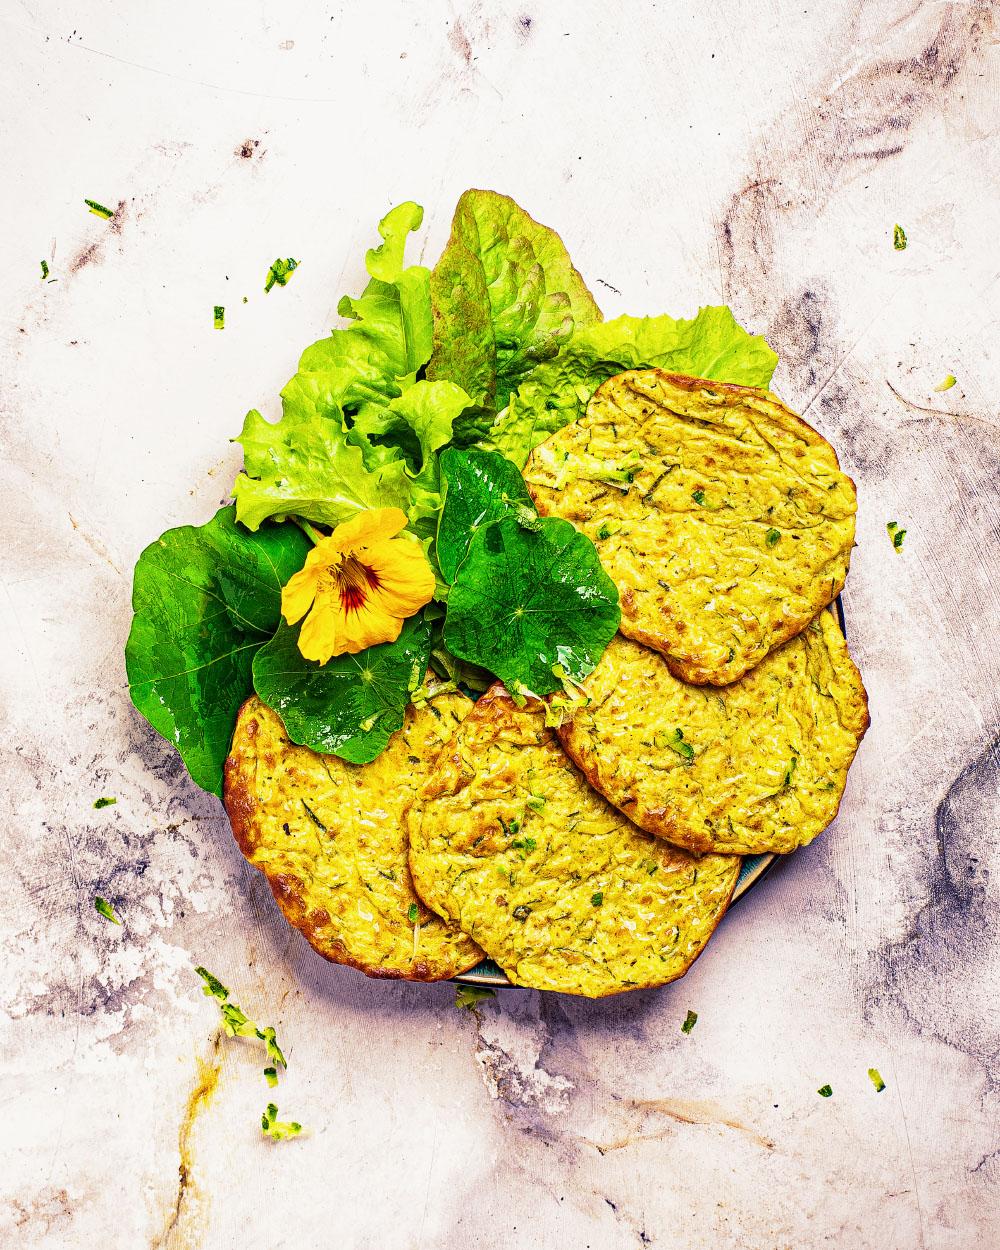 Zucchini-Quark-Puffer aus dem Backofen einfaches Rezept kalorienreduziert gesund fitfood